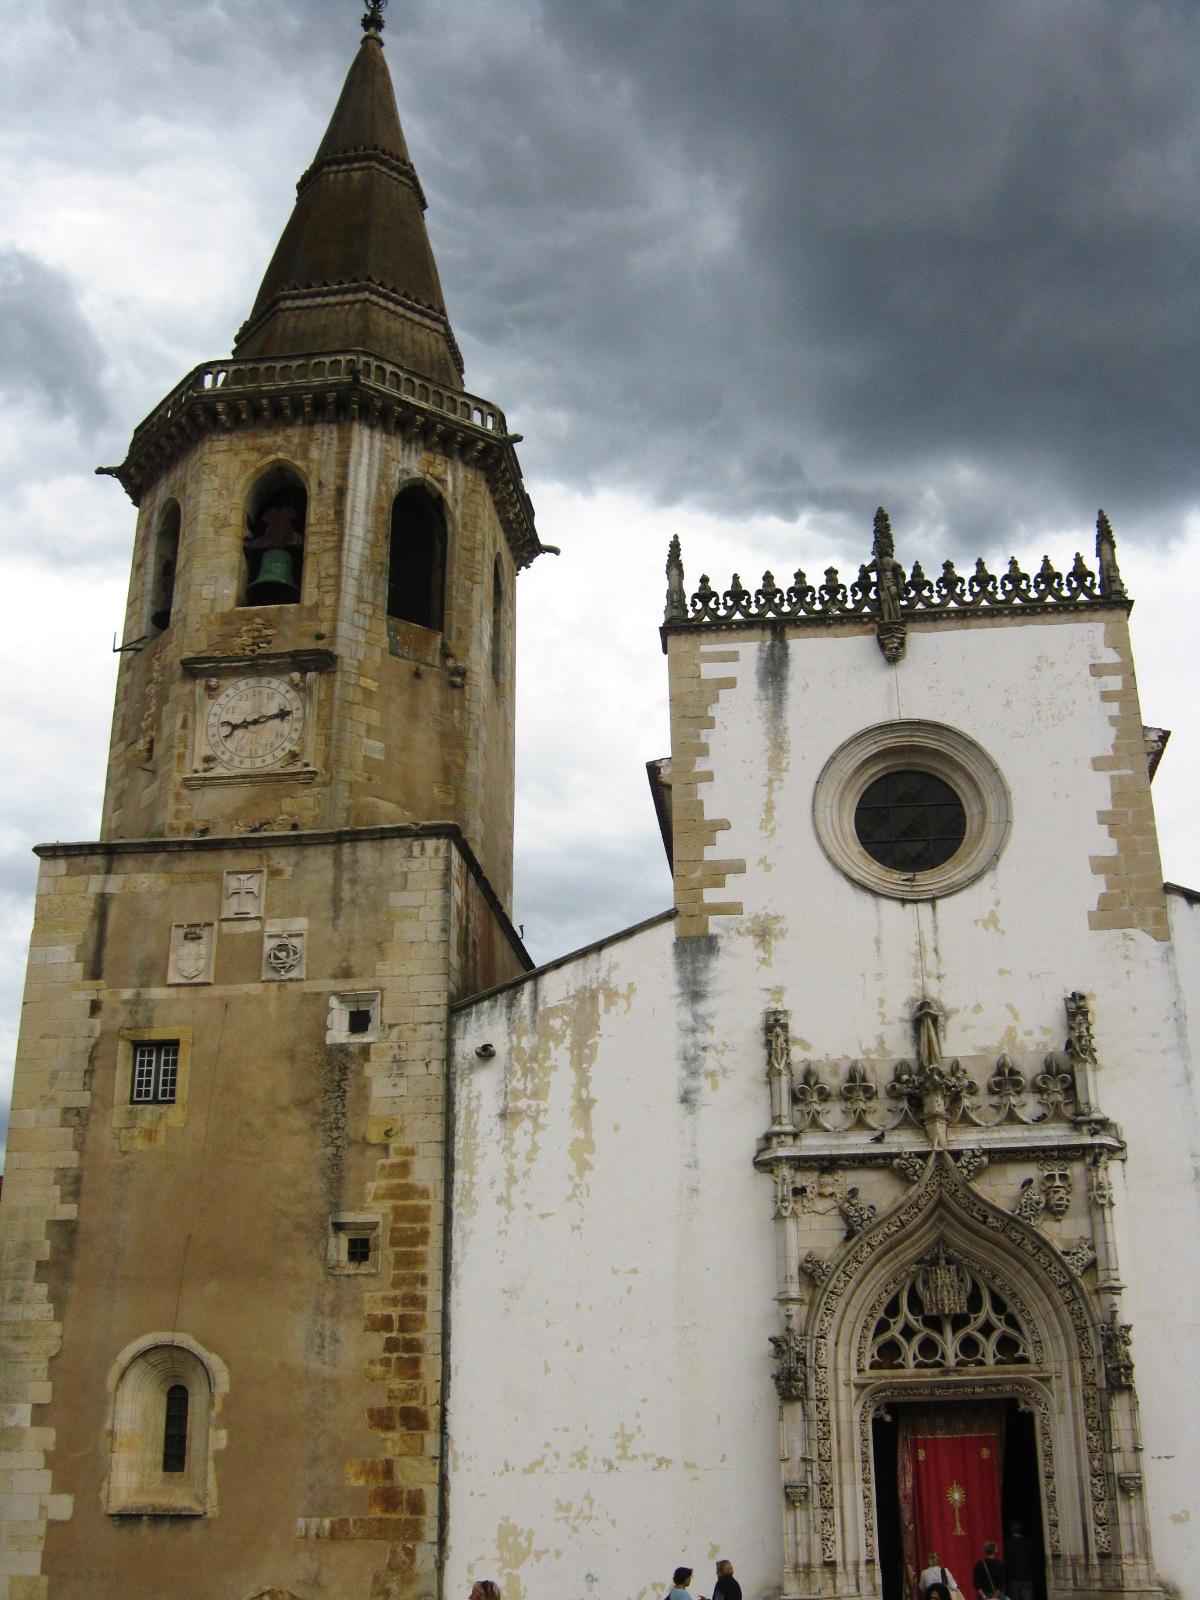 St. Baptista church